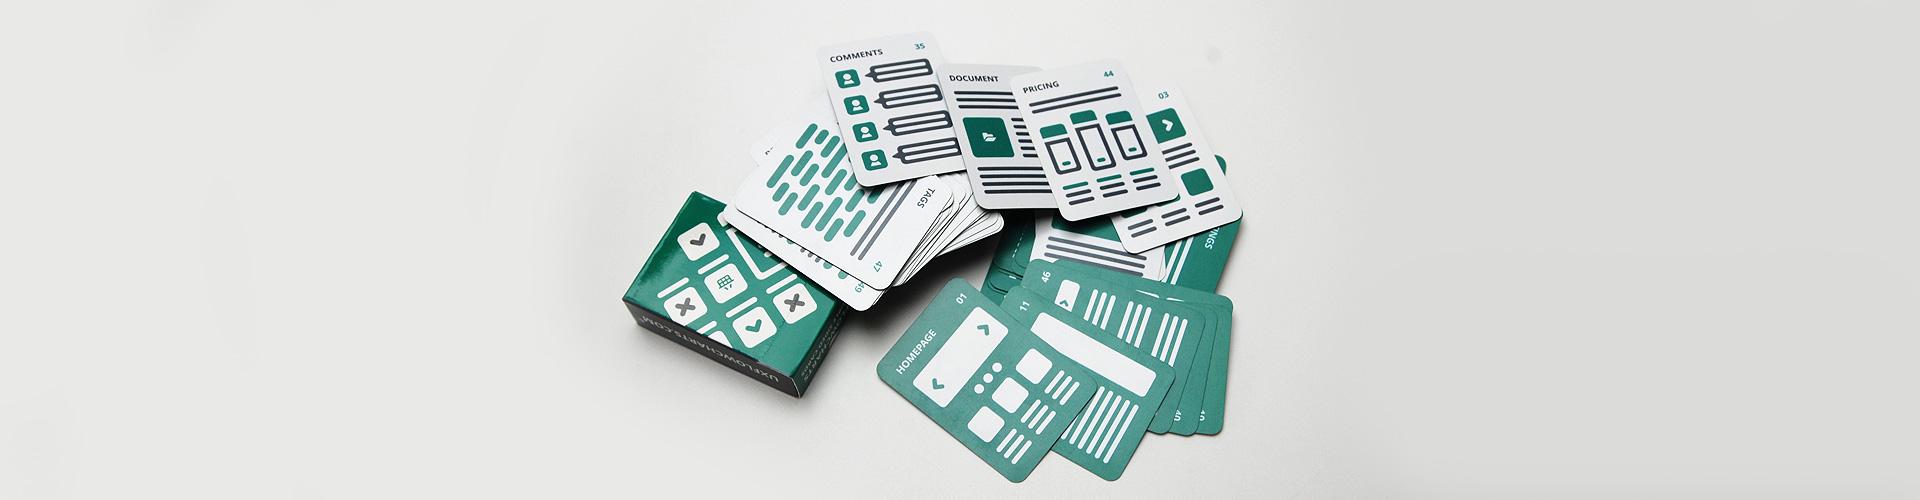 ux-flowchart-cards-1